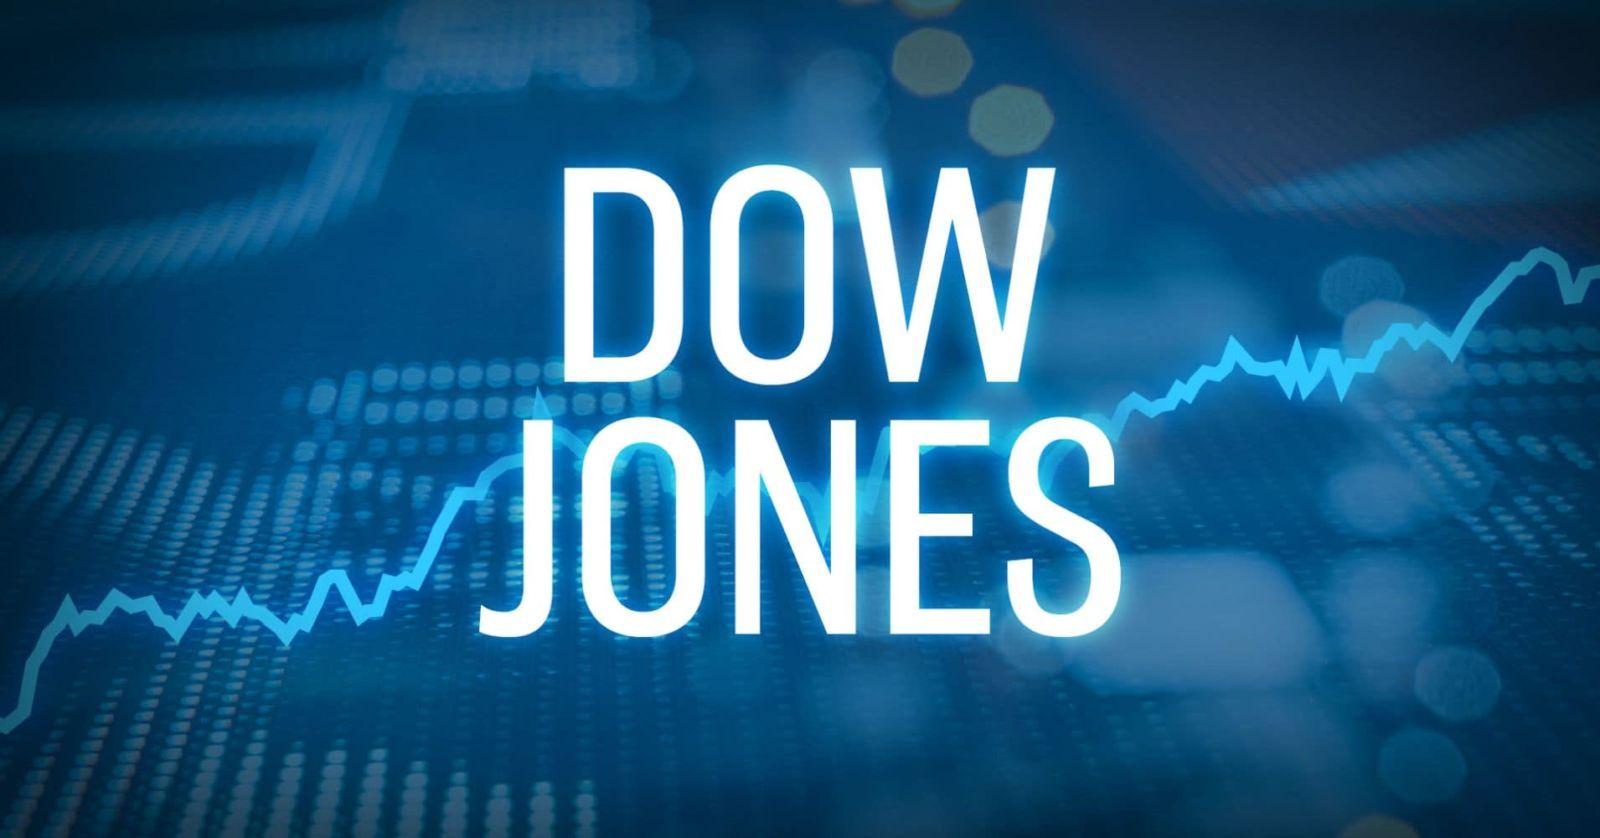 Для подбора прибыльных акций допускается использование списка индекса Dow Jones